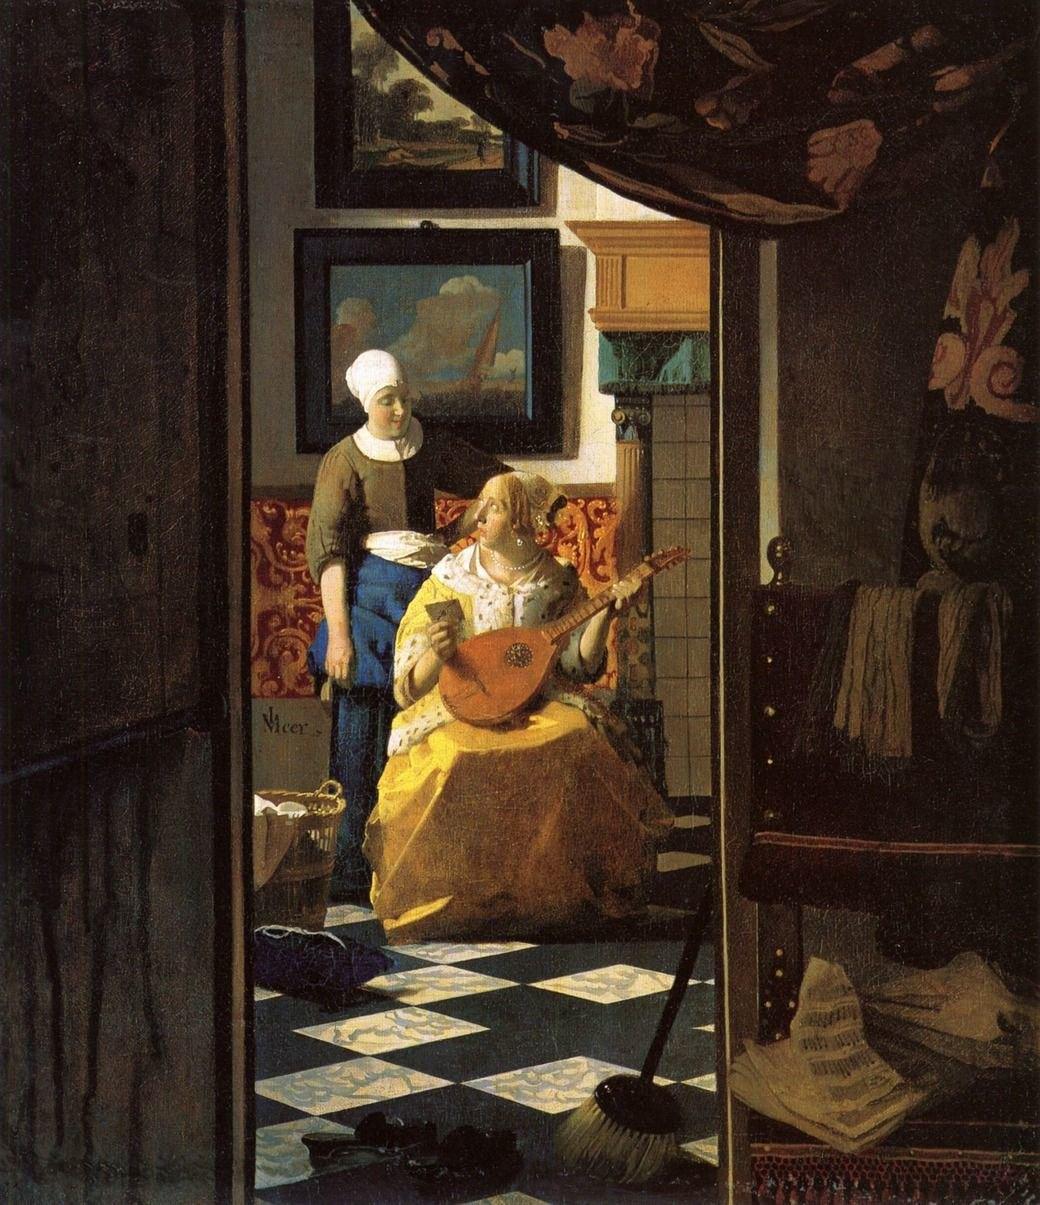 слева направо: Tанец, Анри Матисс, 1909-10; Любовное письмо, Ян Вермеер, 1670. Изображение № 17.